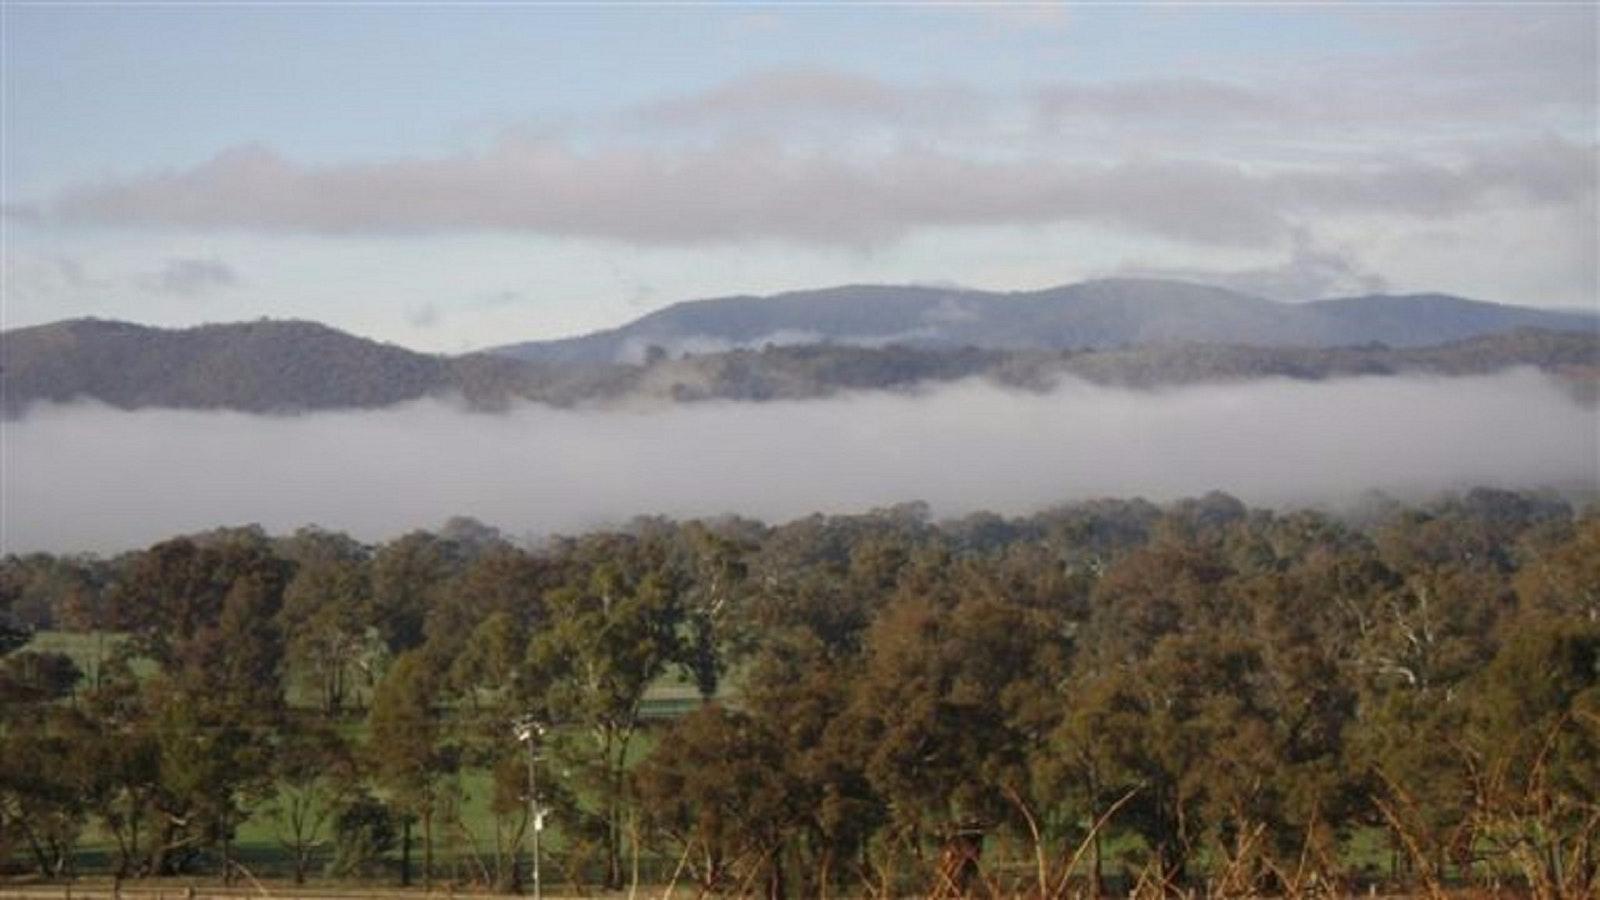 Misty morning over the hillside